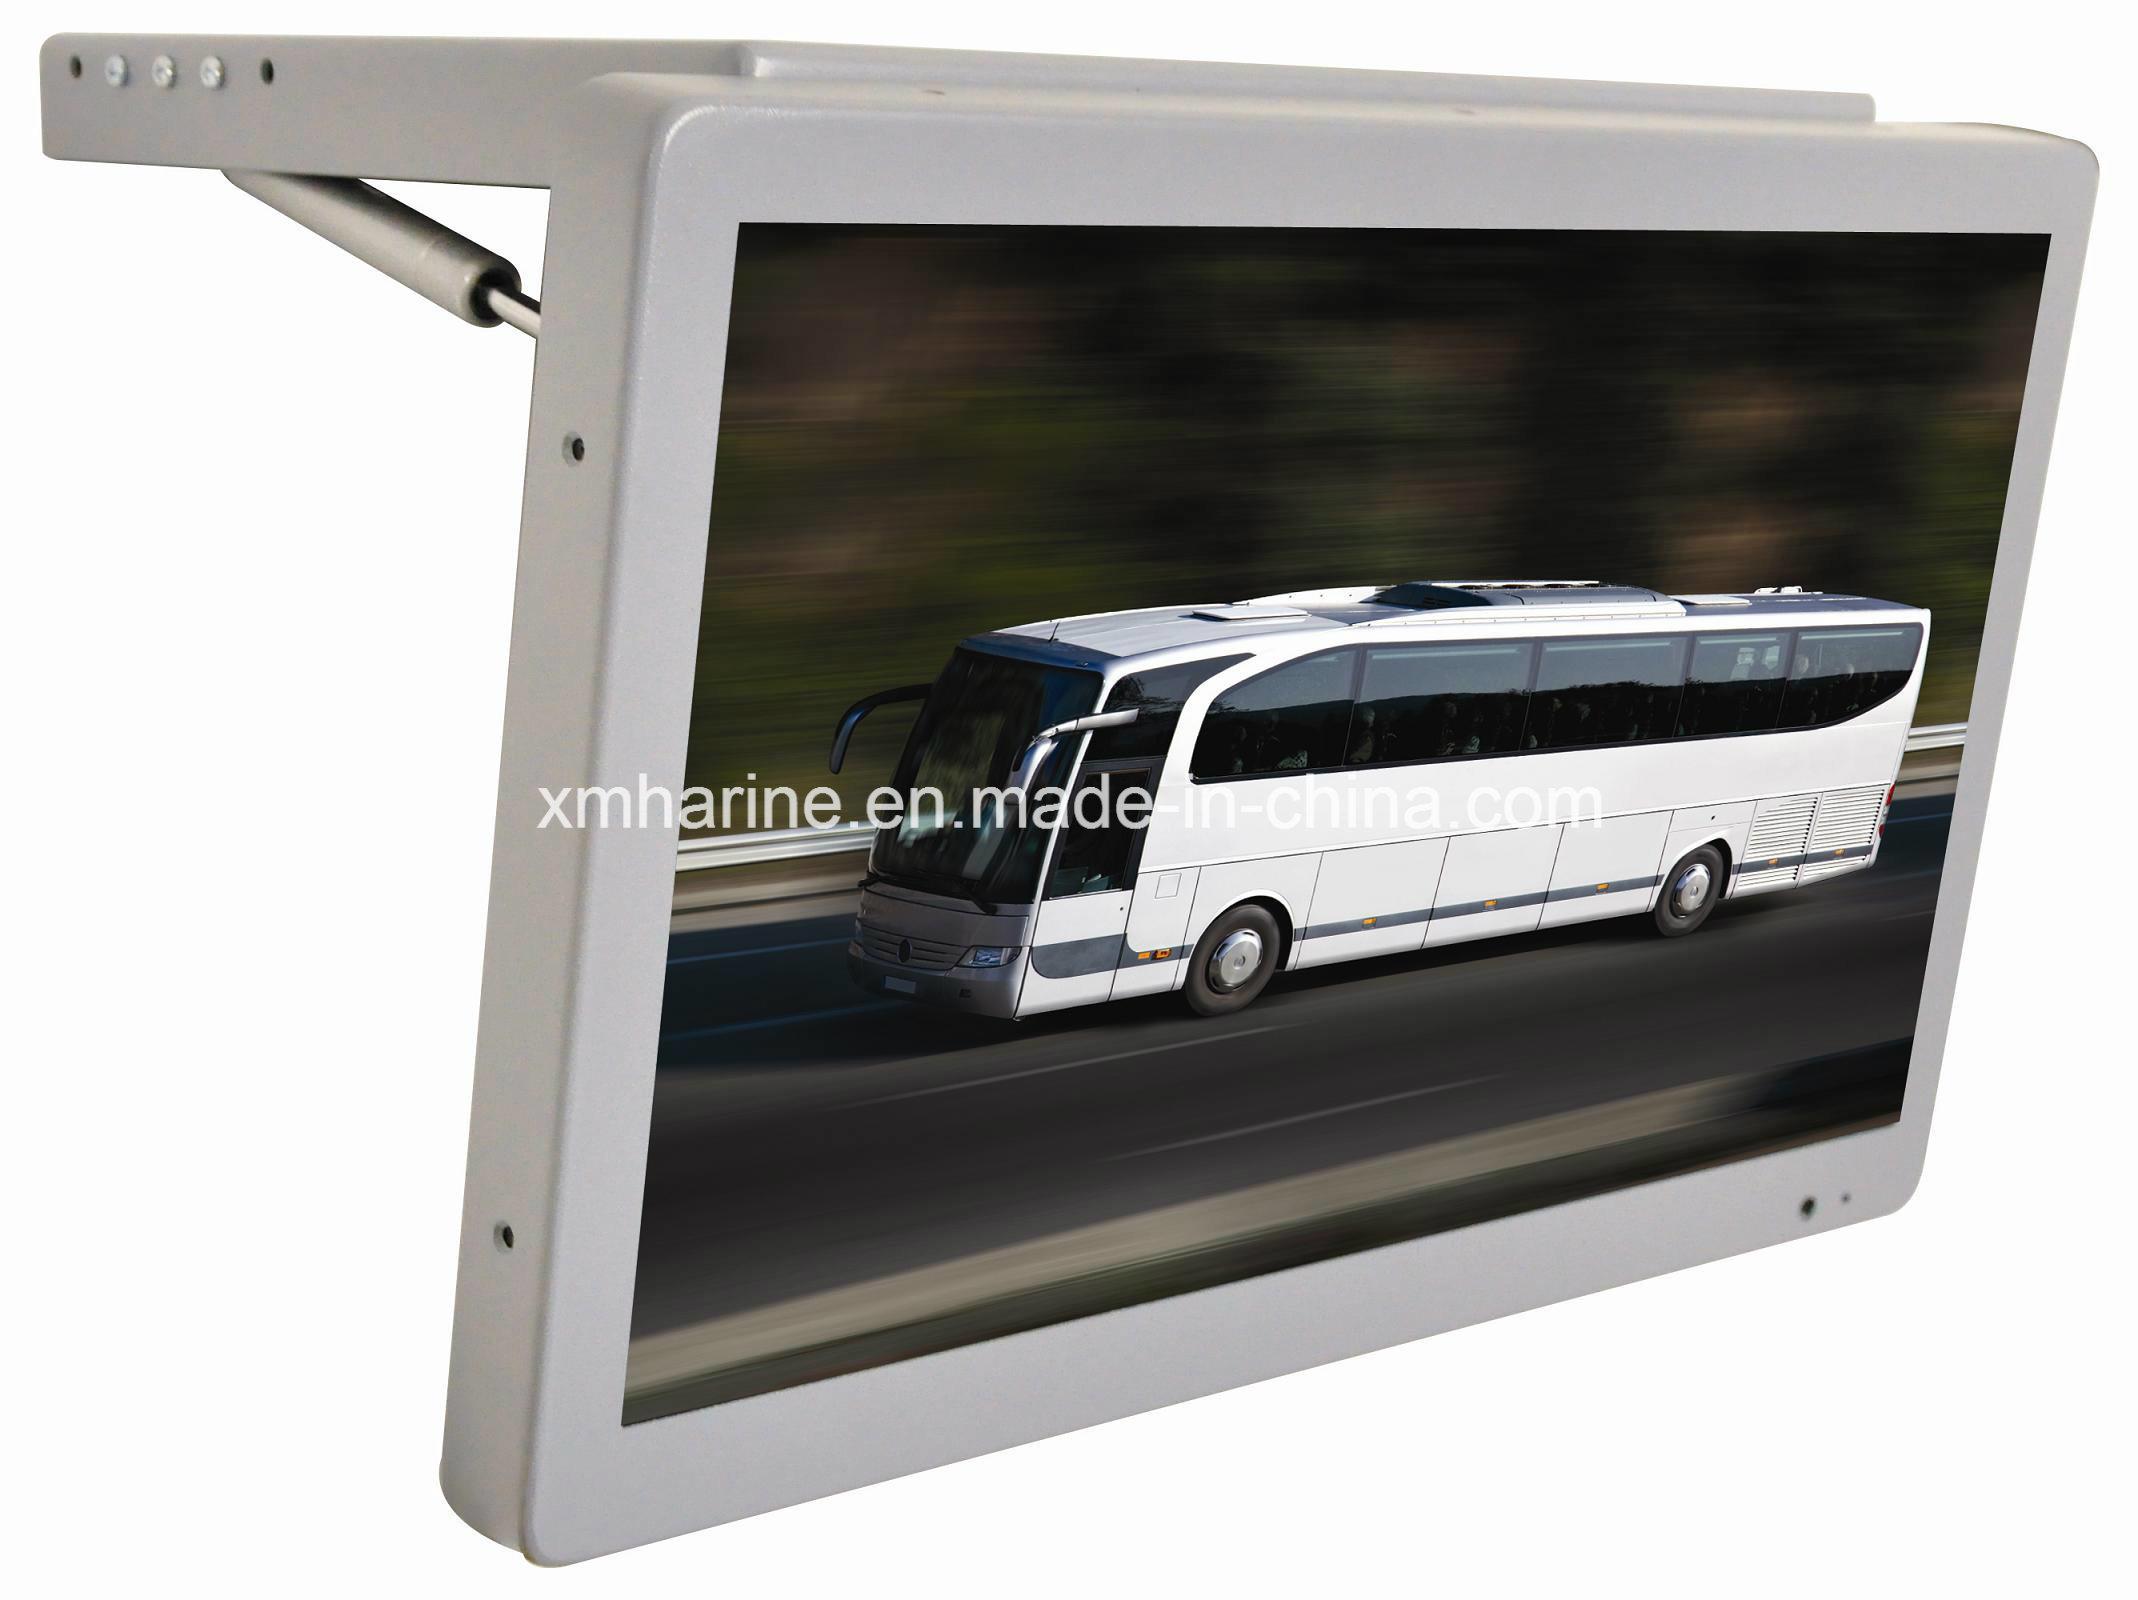 China 17′′ Manual Bus Car TFT LCD Display Monitor - China Monitor, LCD  Monitor